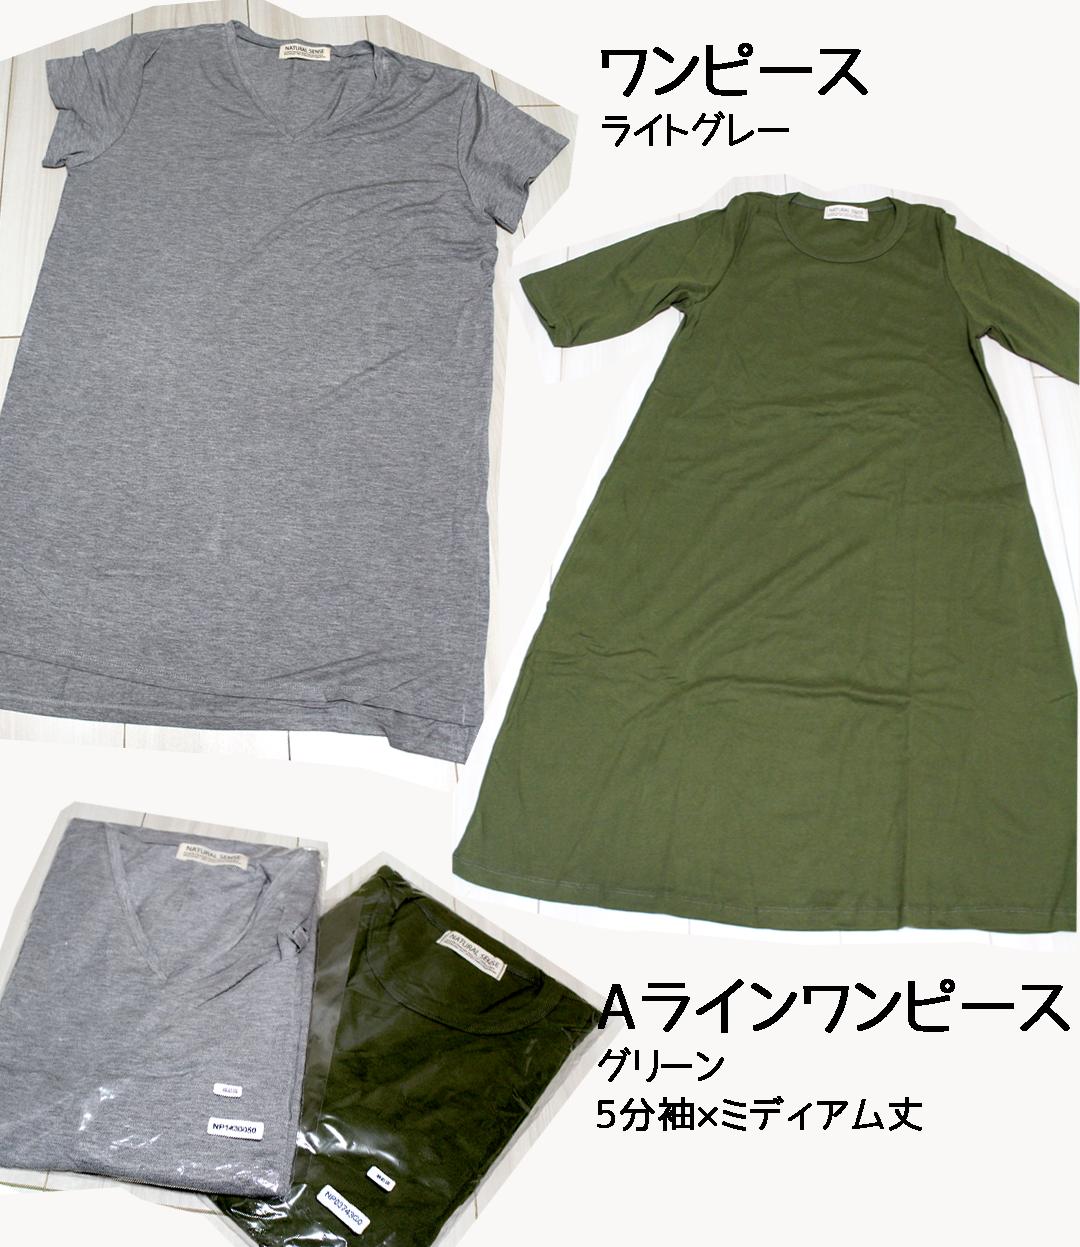 ワンピース/ライトグレー Aラインワンピース/グリーン/五分袖×ミディアム丈